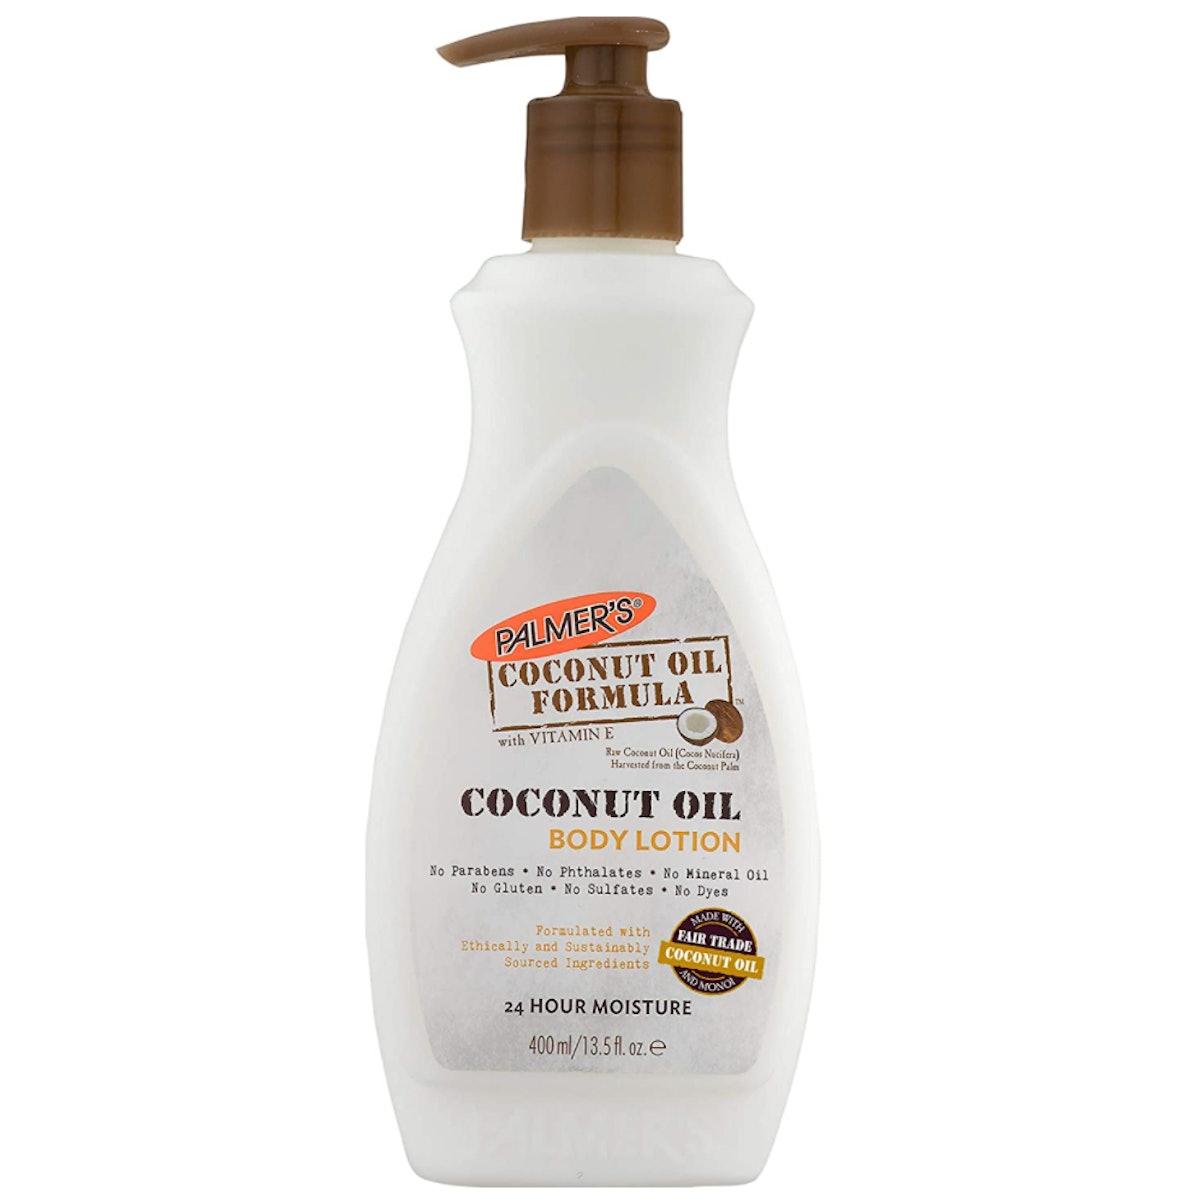 Palmer's Coconut Oil Body Lotion, 13.5 Oz.